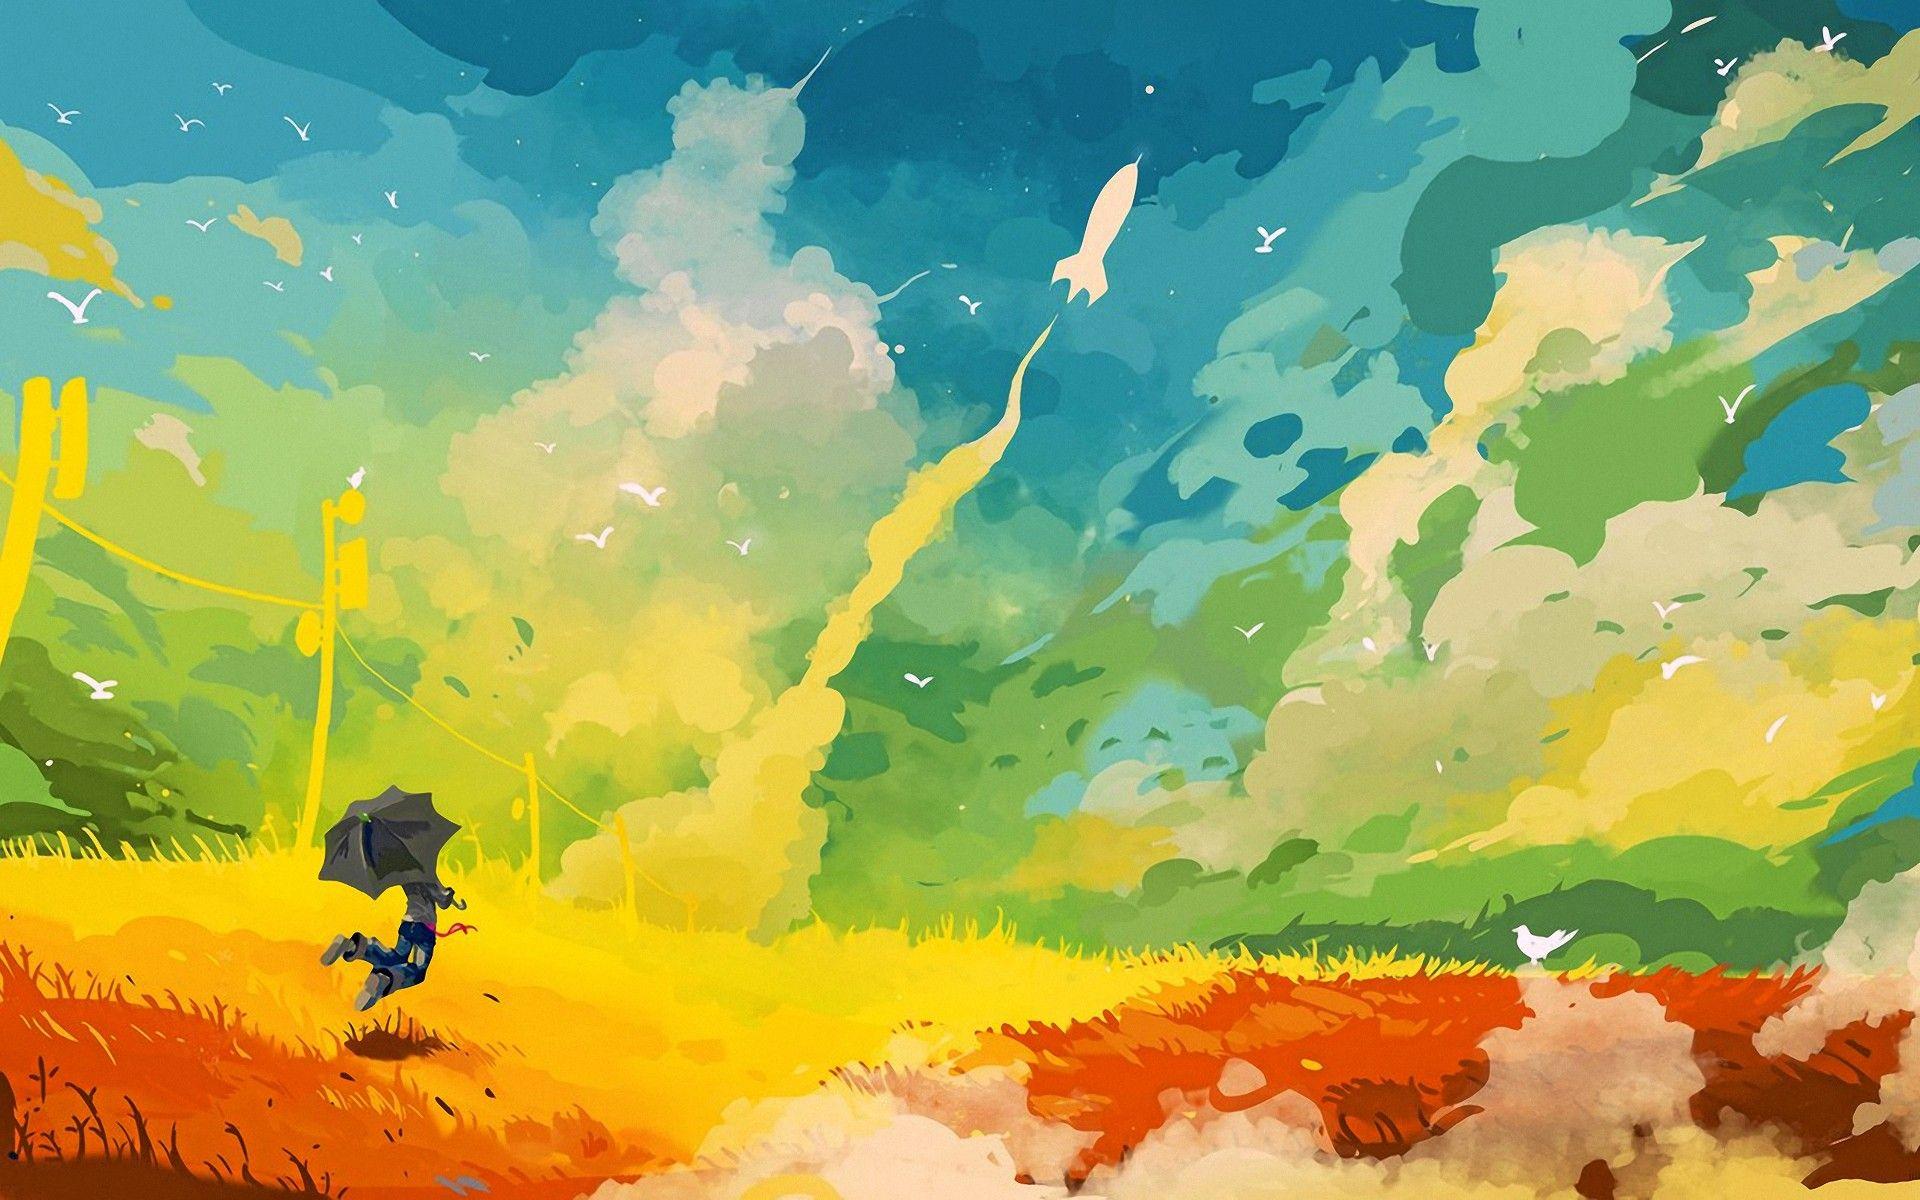 21 Creative Inspirational Digital Art Wallpapers Arte Abstracto Colorido Papel Tapiz Abstracto Papel Pintado Para Paredes